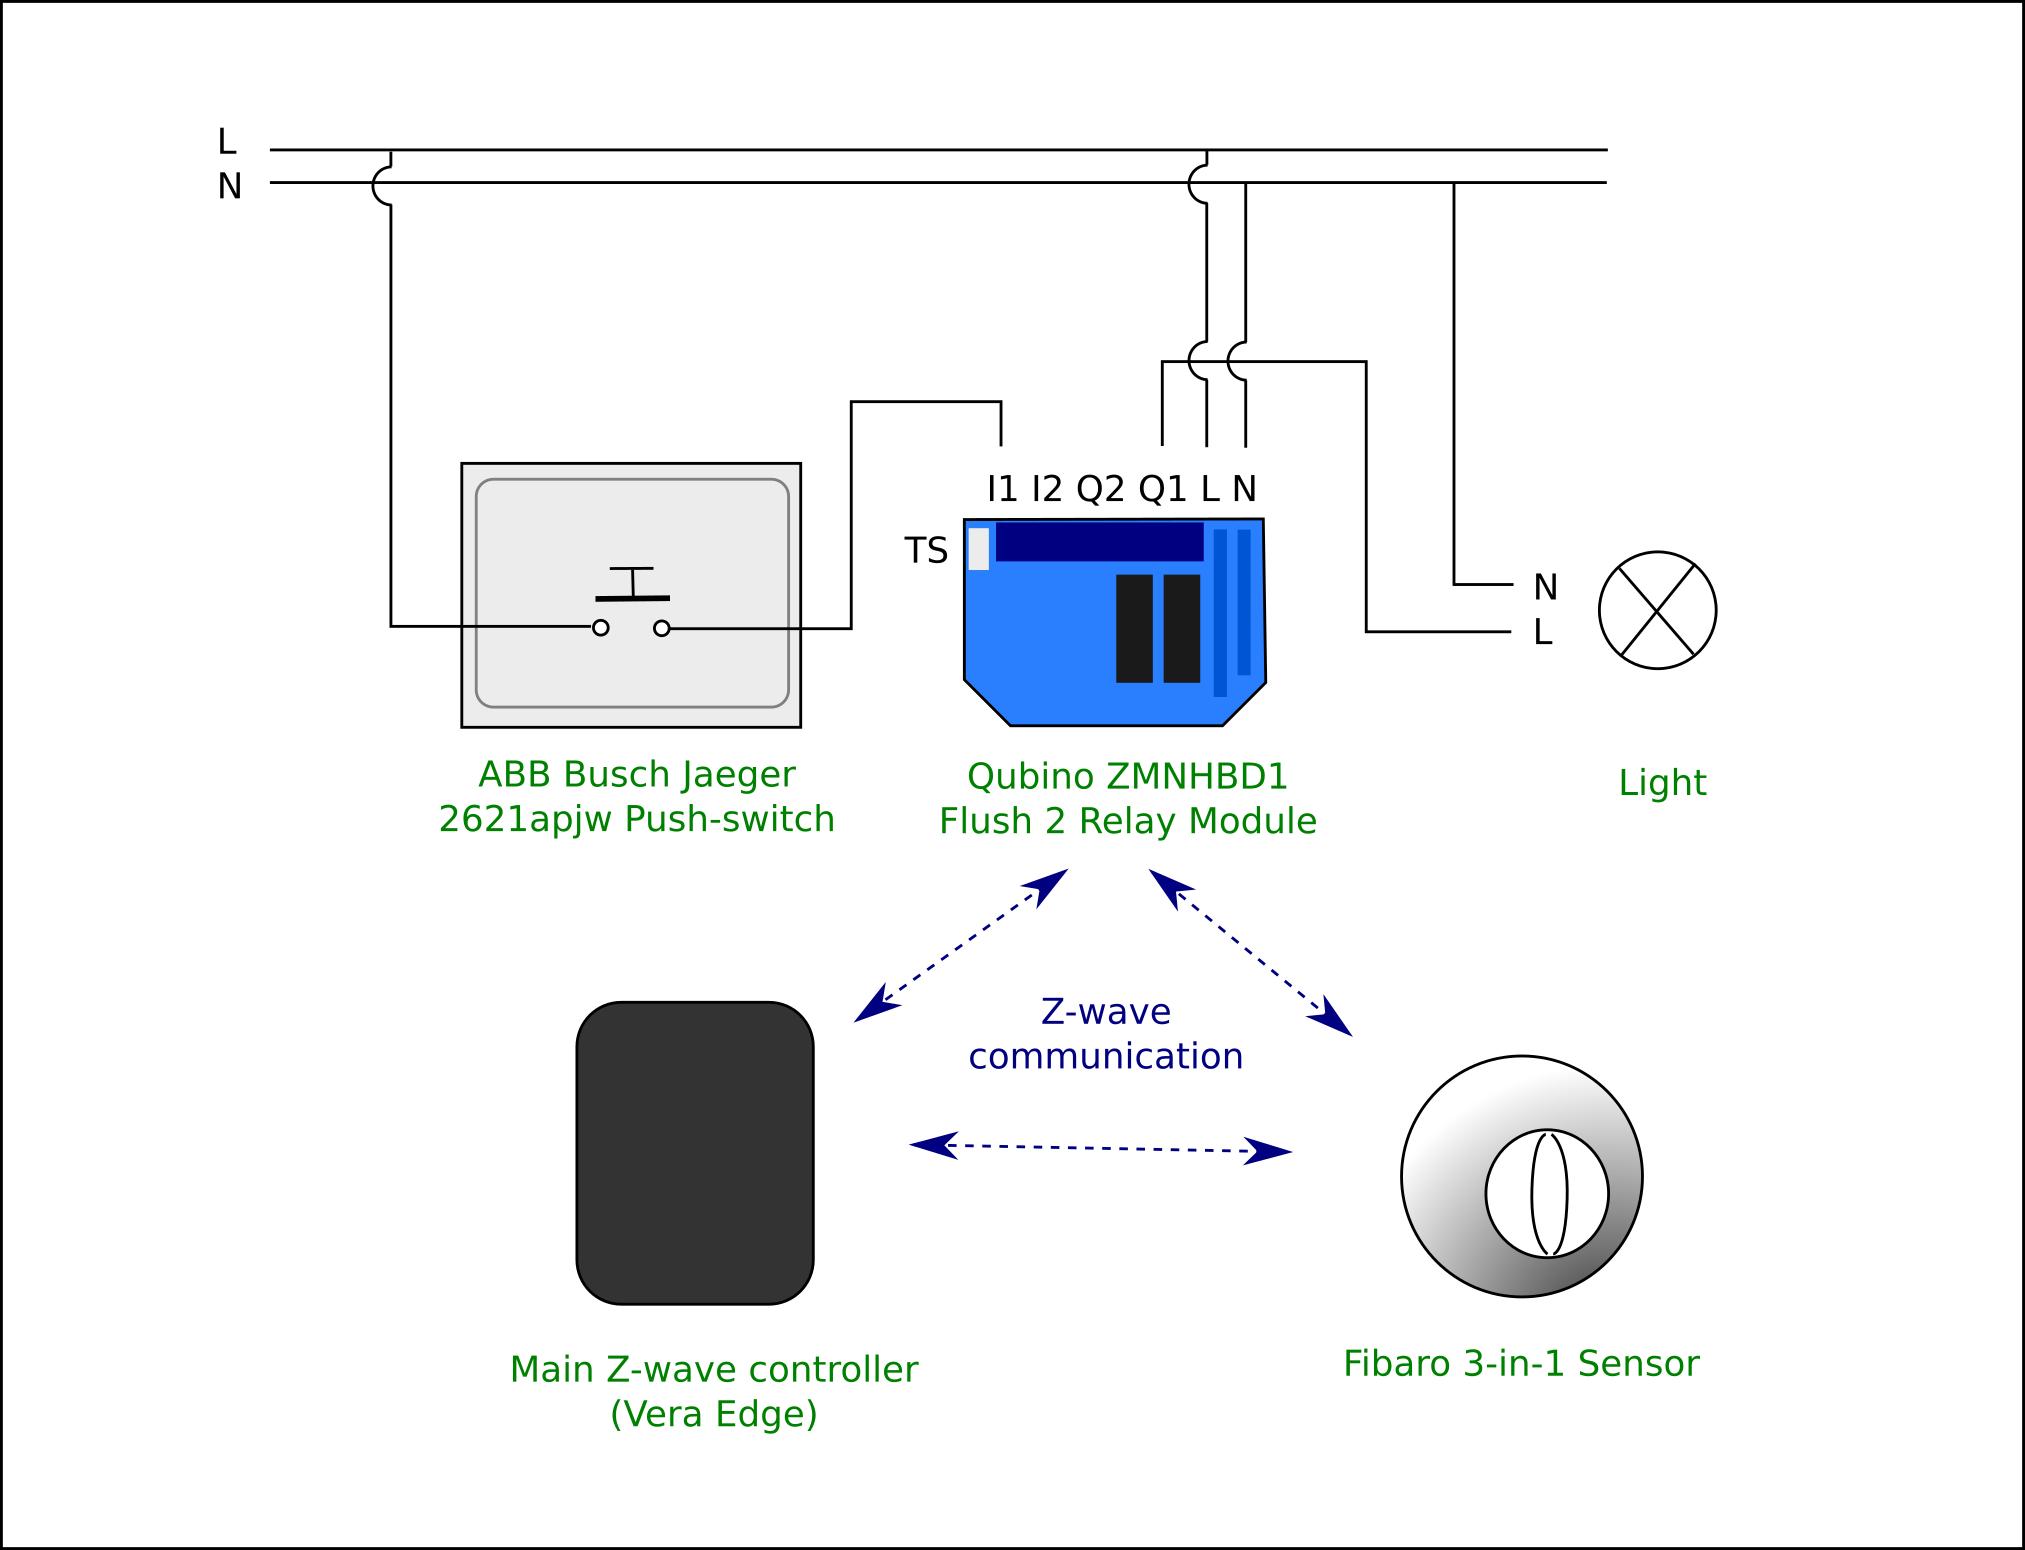 Z-Wave: Controlling Light with a motion sensor - UptimeFab on z wave gauge, z wave technology, z wave light, z wave wiring, z wave device, z wave method, z wave specification,